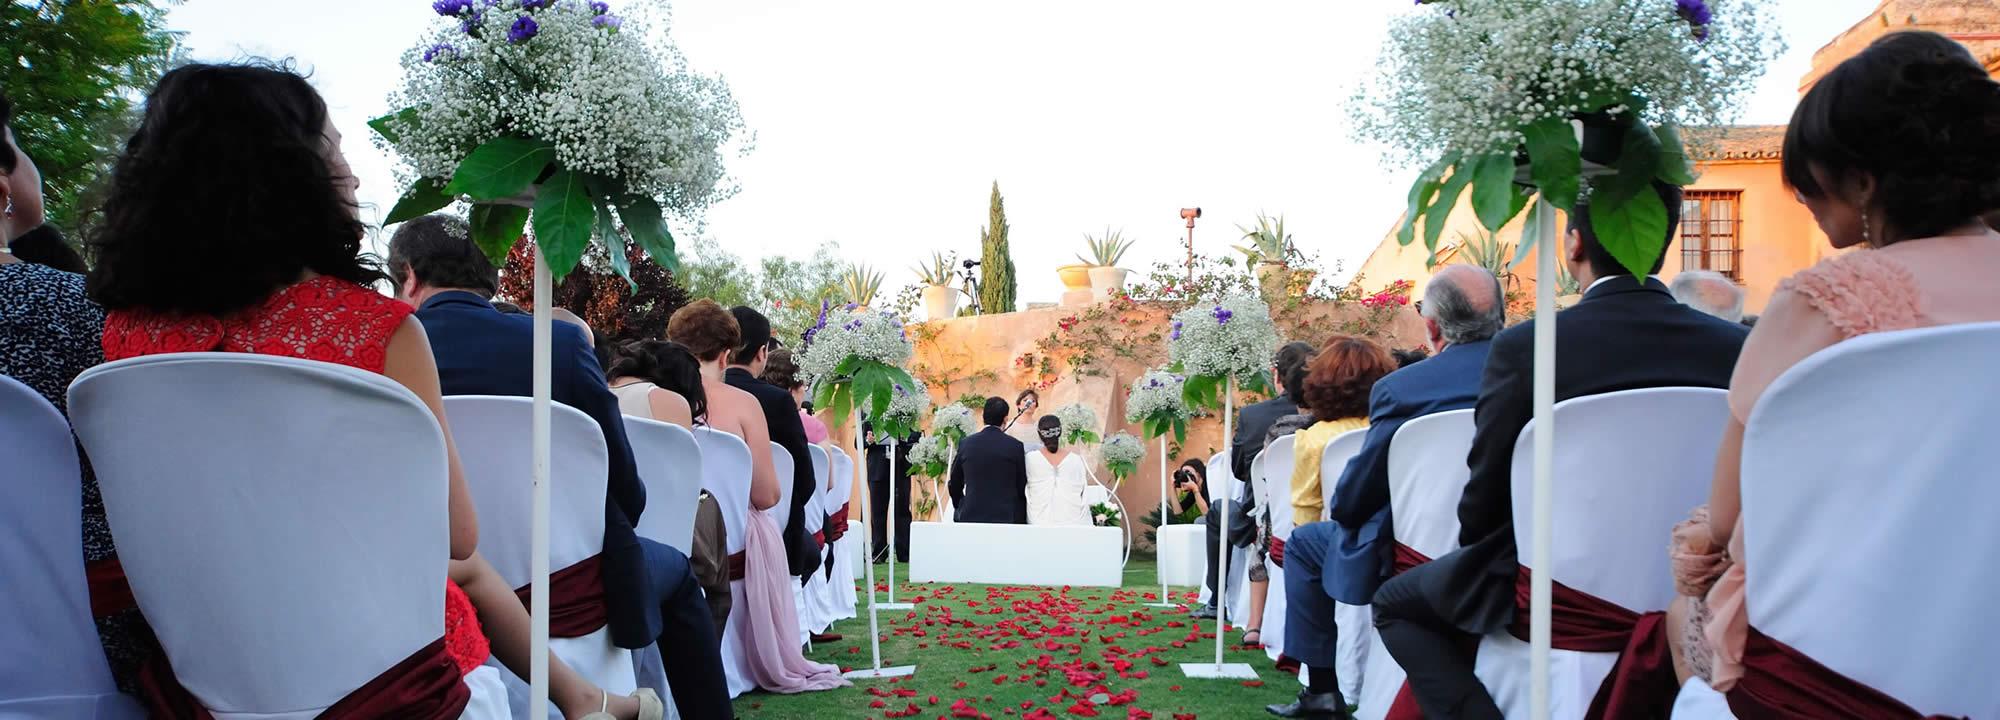 ¿Necesitas organizar tu boda en Sevilla?